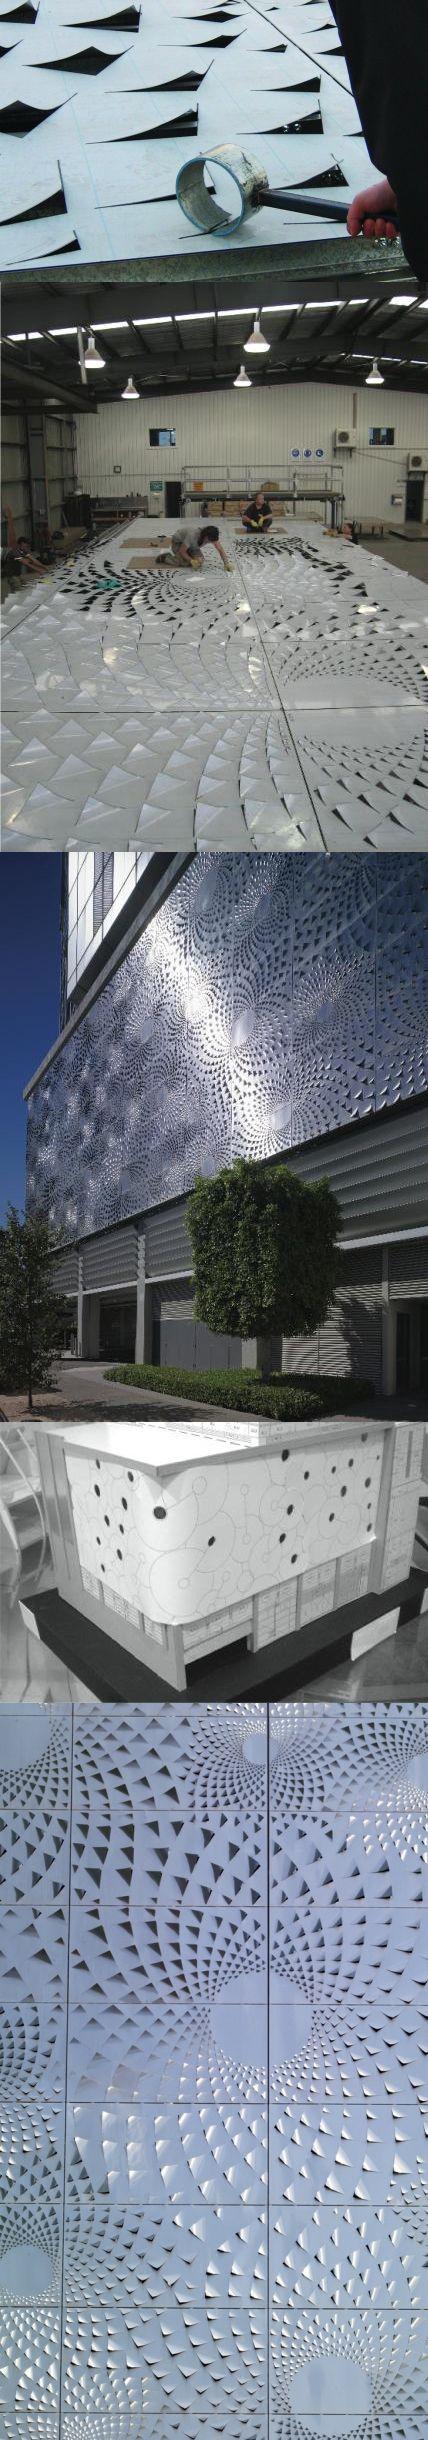 Beee3bf793d4b5e586e75521e44611c0 Jpg 428 2 440 Pixels Cladding Design Facade Design Metal Facade